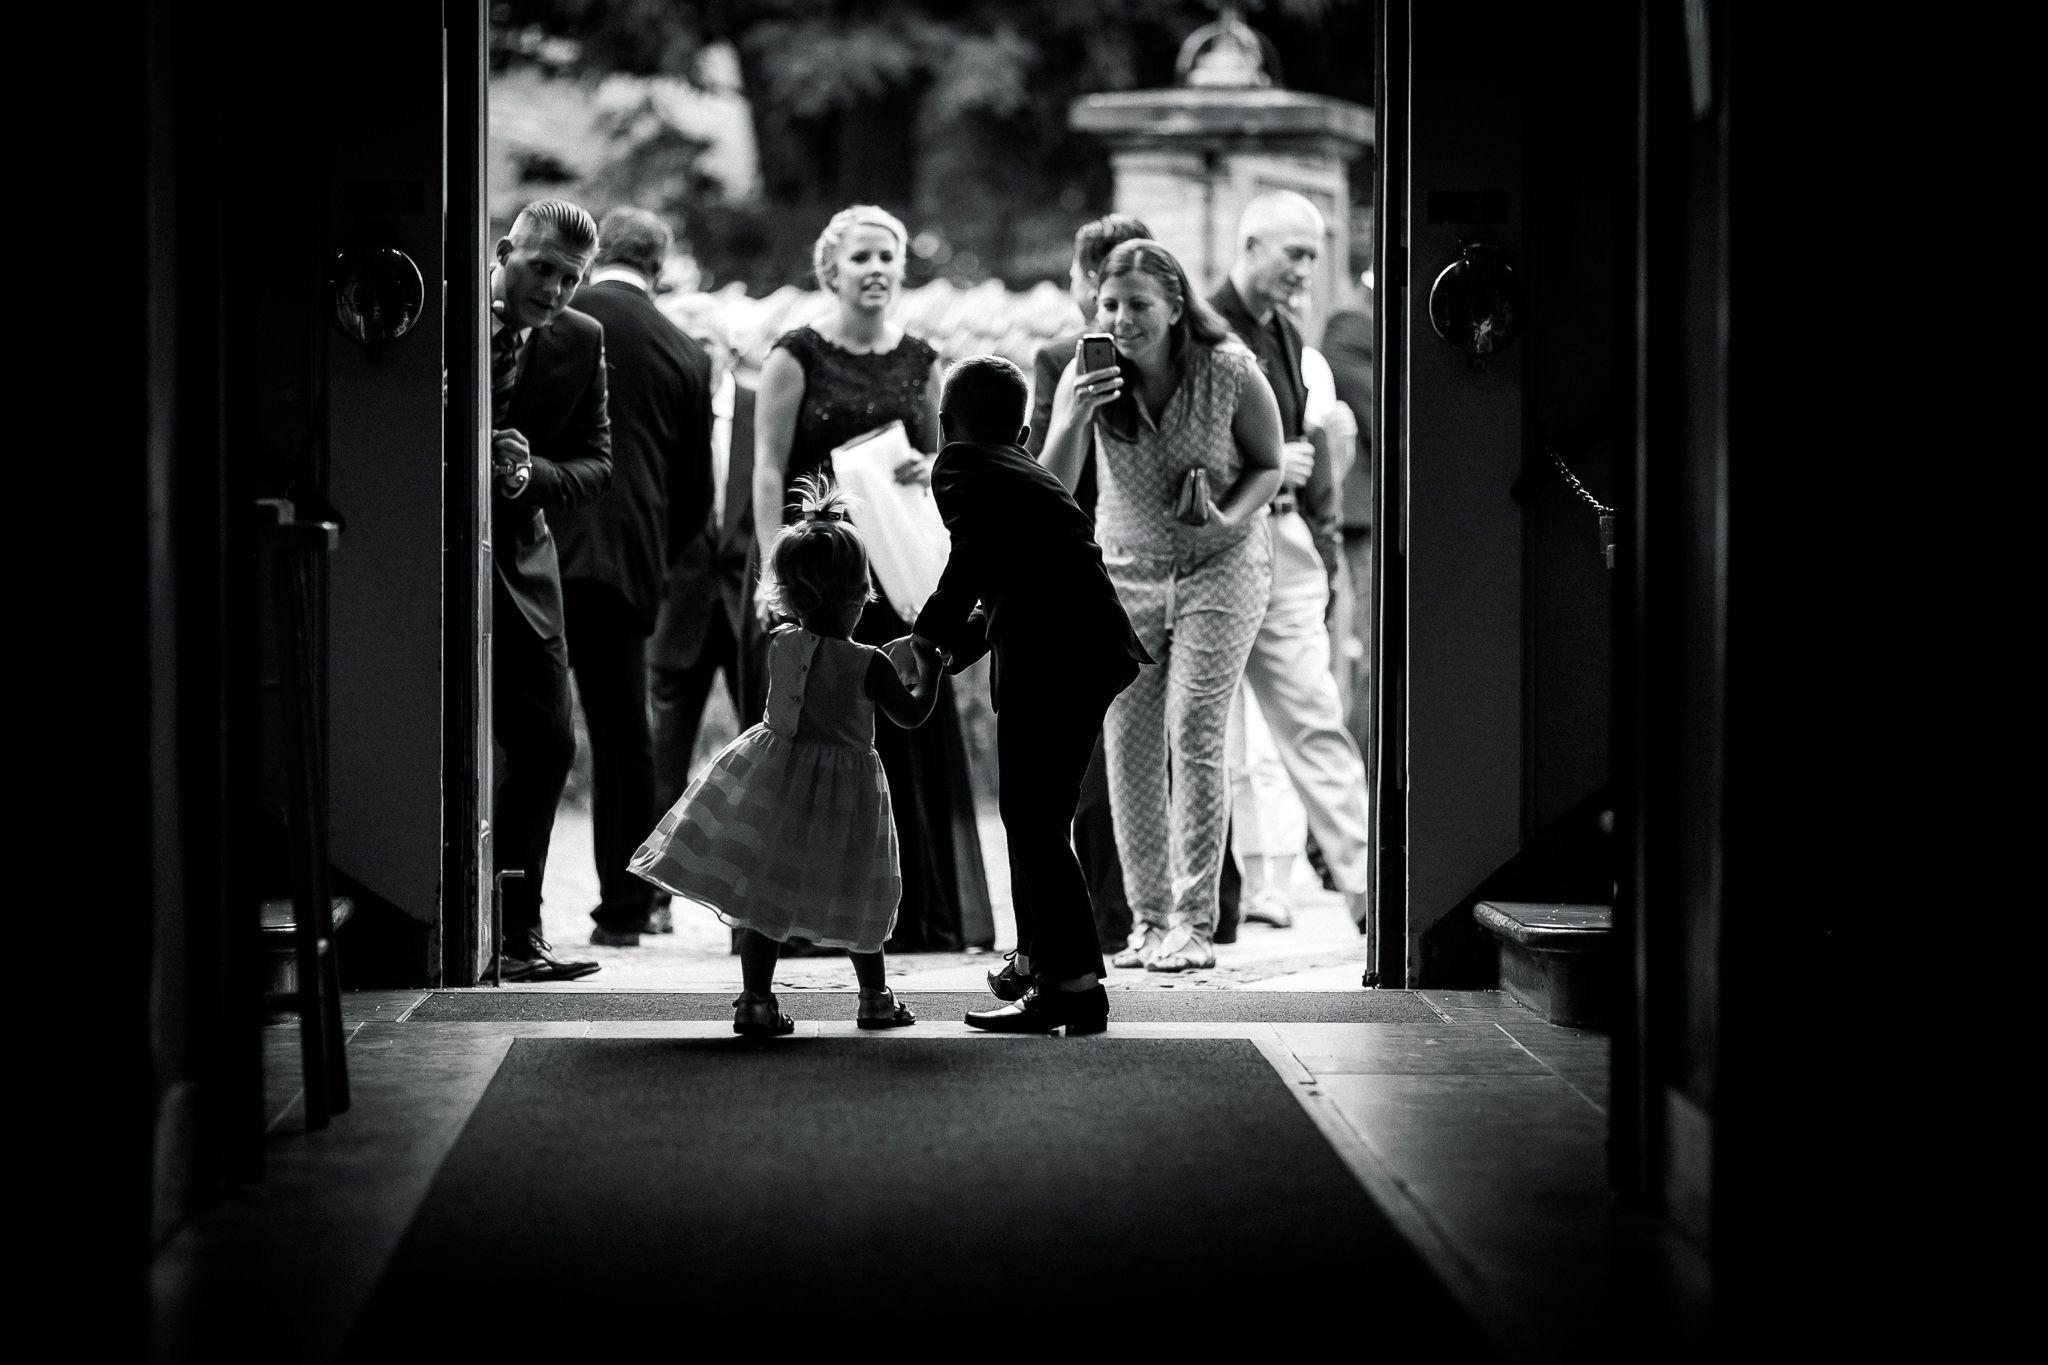 bryllupsbilleder_mads_eneqvist_46 Bryllupsbilleder